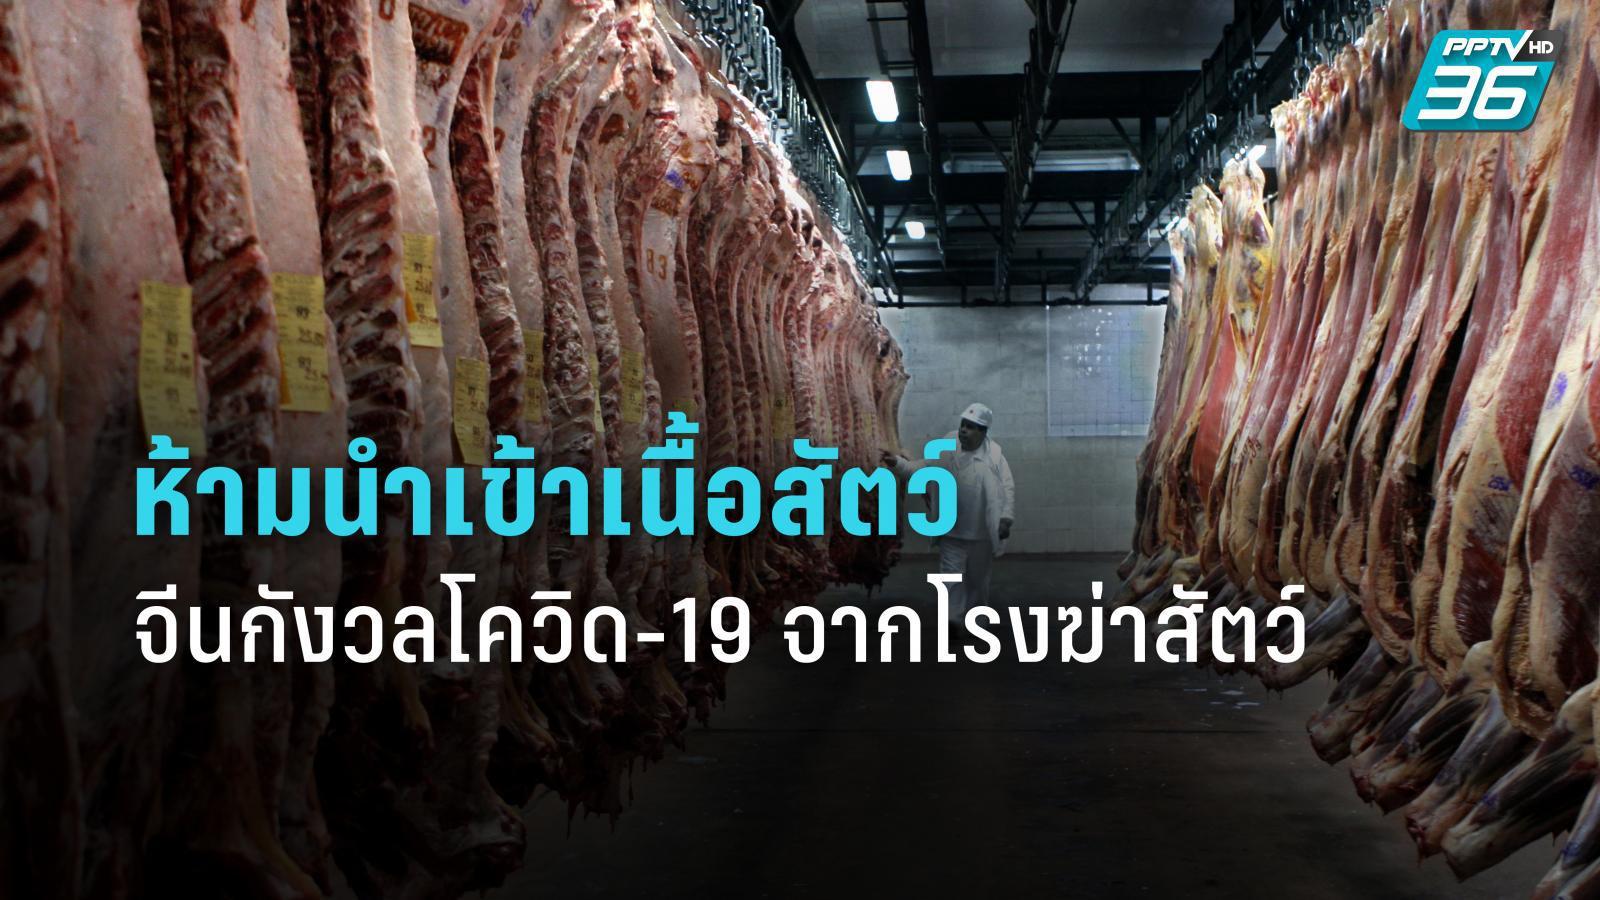 จีนห้ามนำเข้าเนื้อสัตว์จากเยอรมนี หลังคนงานโรงฆ่าสัตว์ติดเชื้อโควิด-19